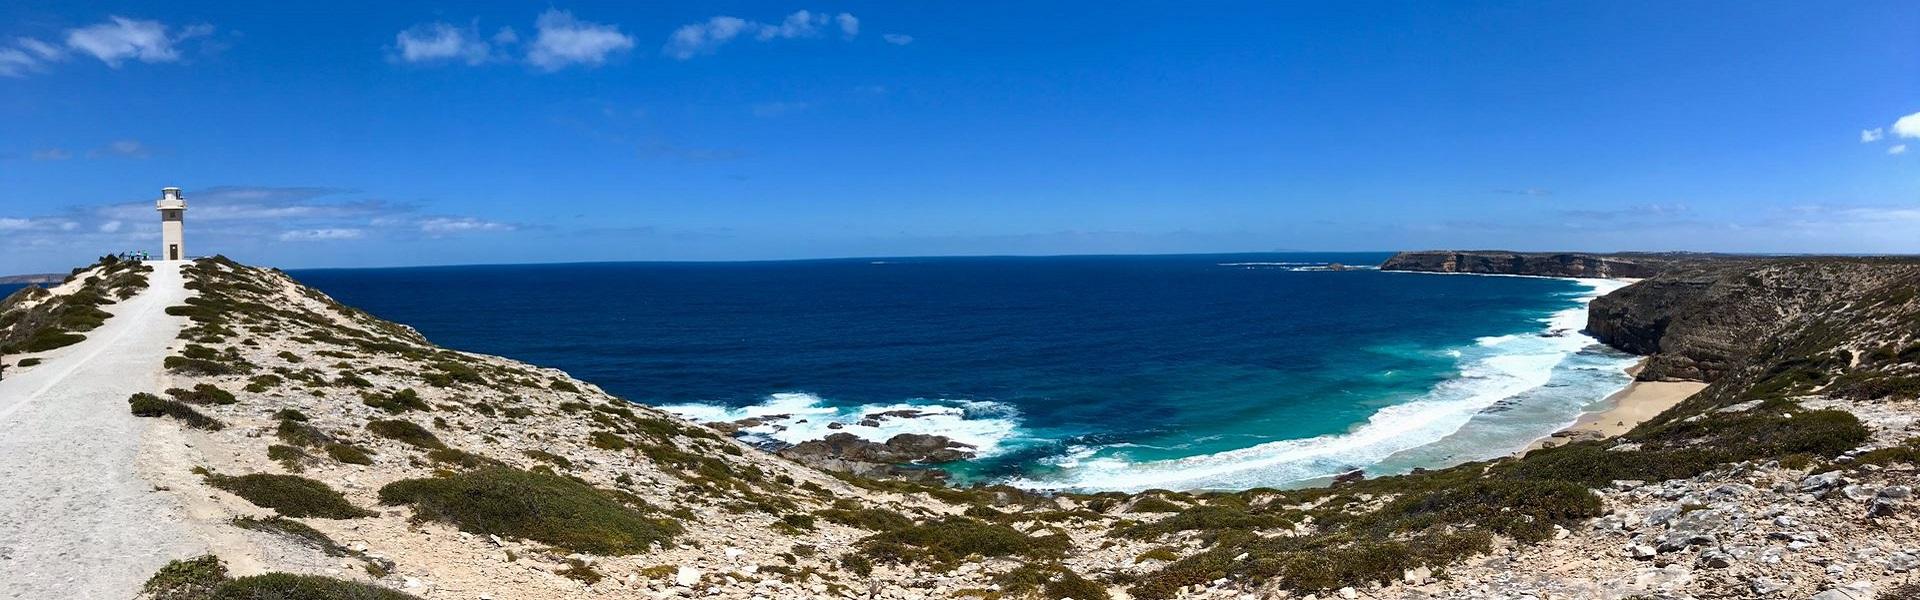 menschenleere Küste in Australien